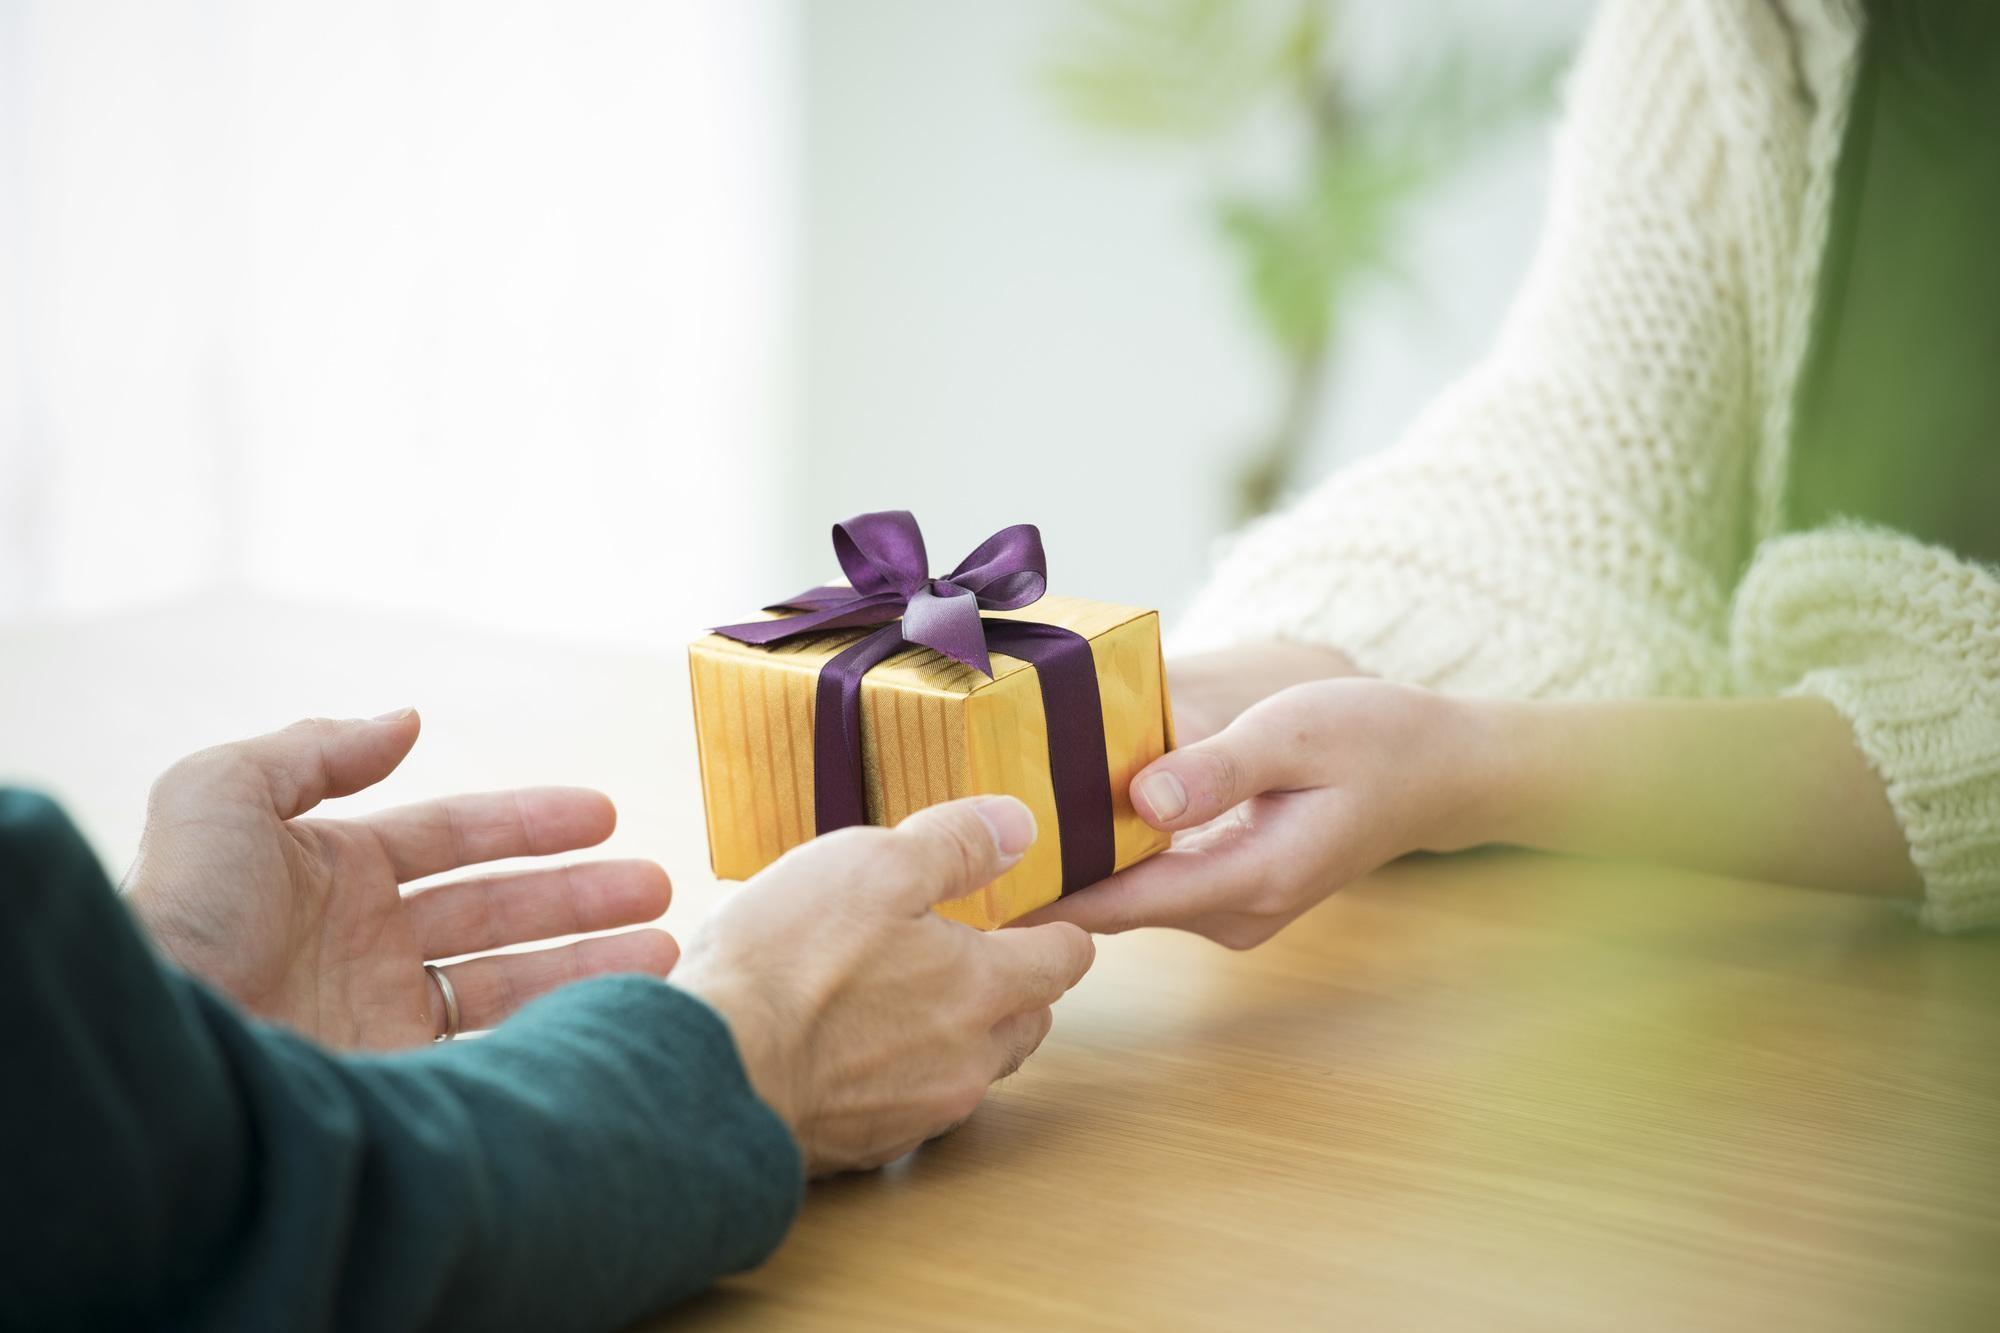 婚約指輪のお返しは何を贈るべき?予算は?渡すタイミングについてまとめました